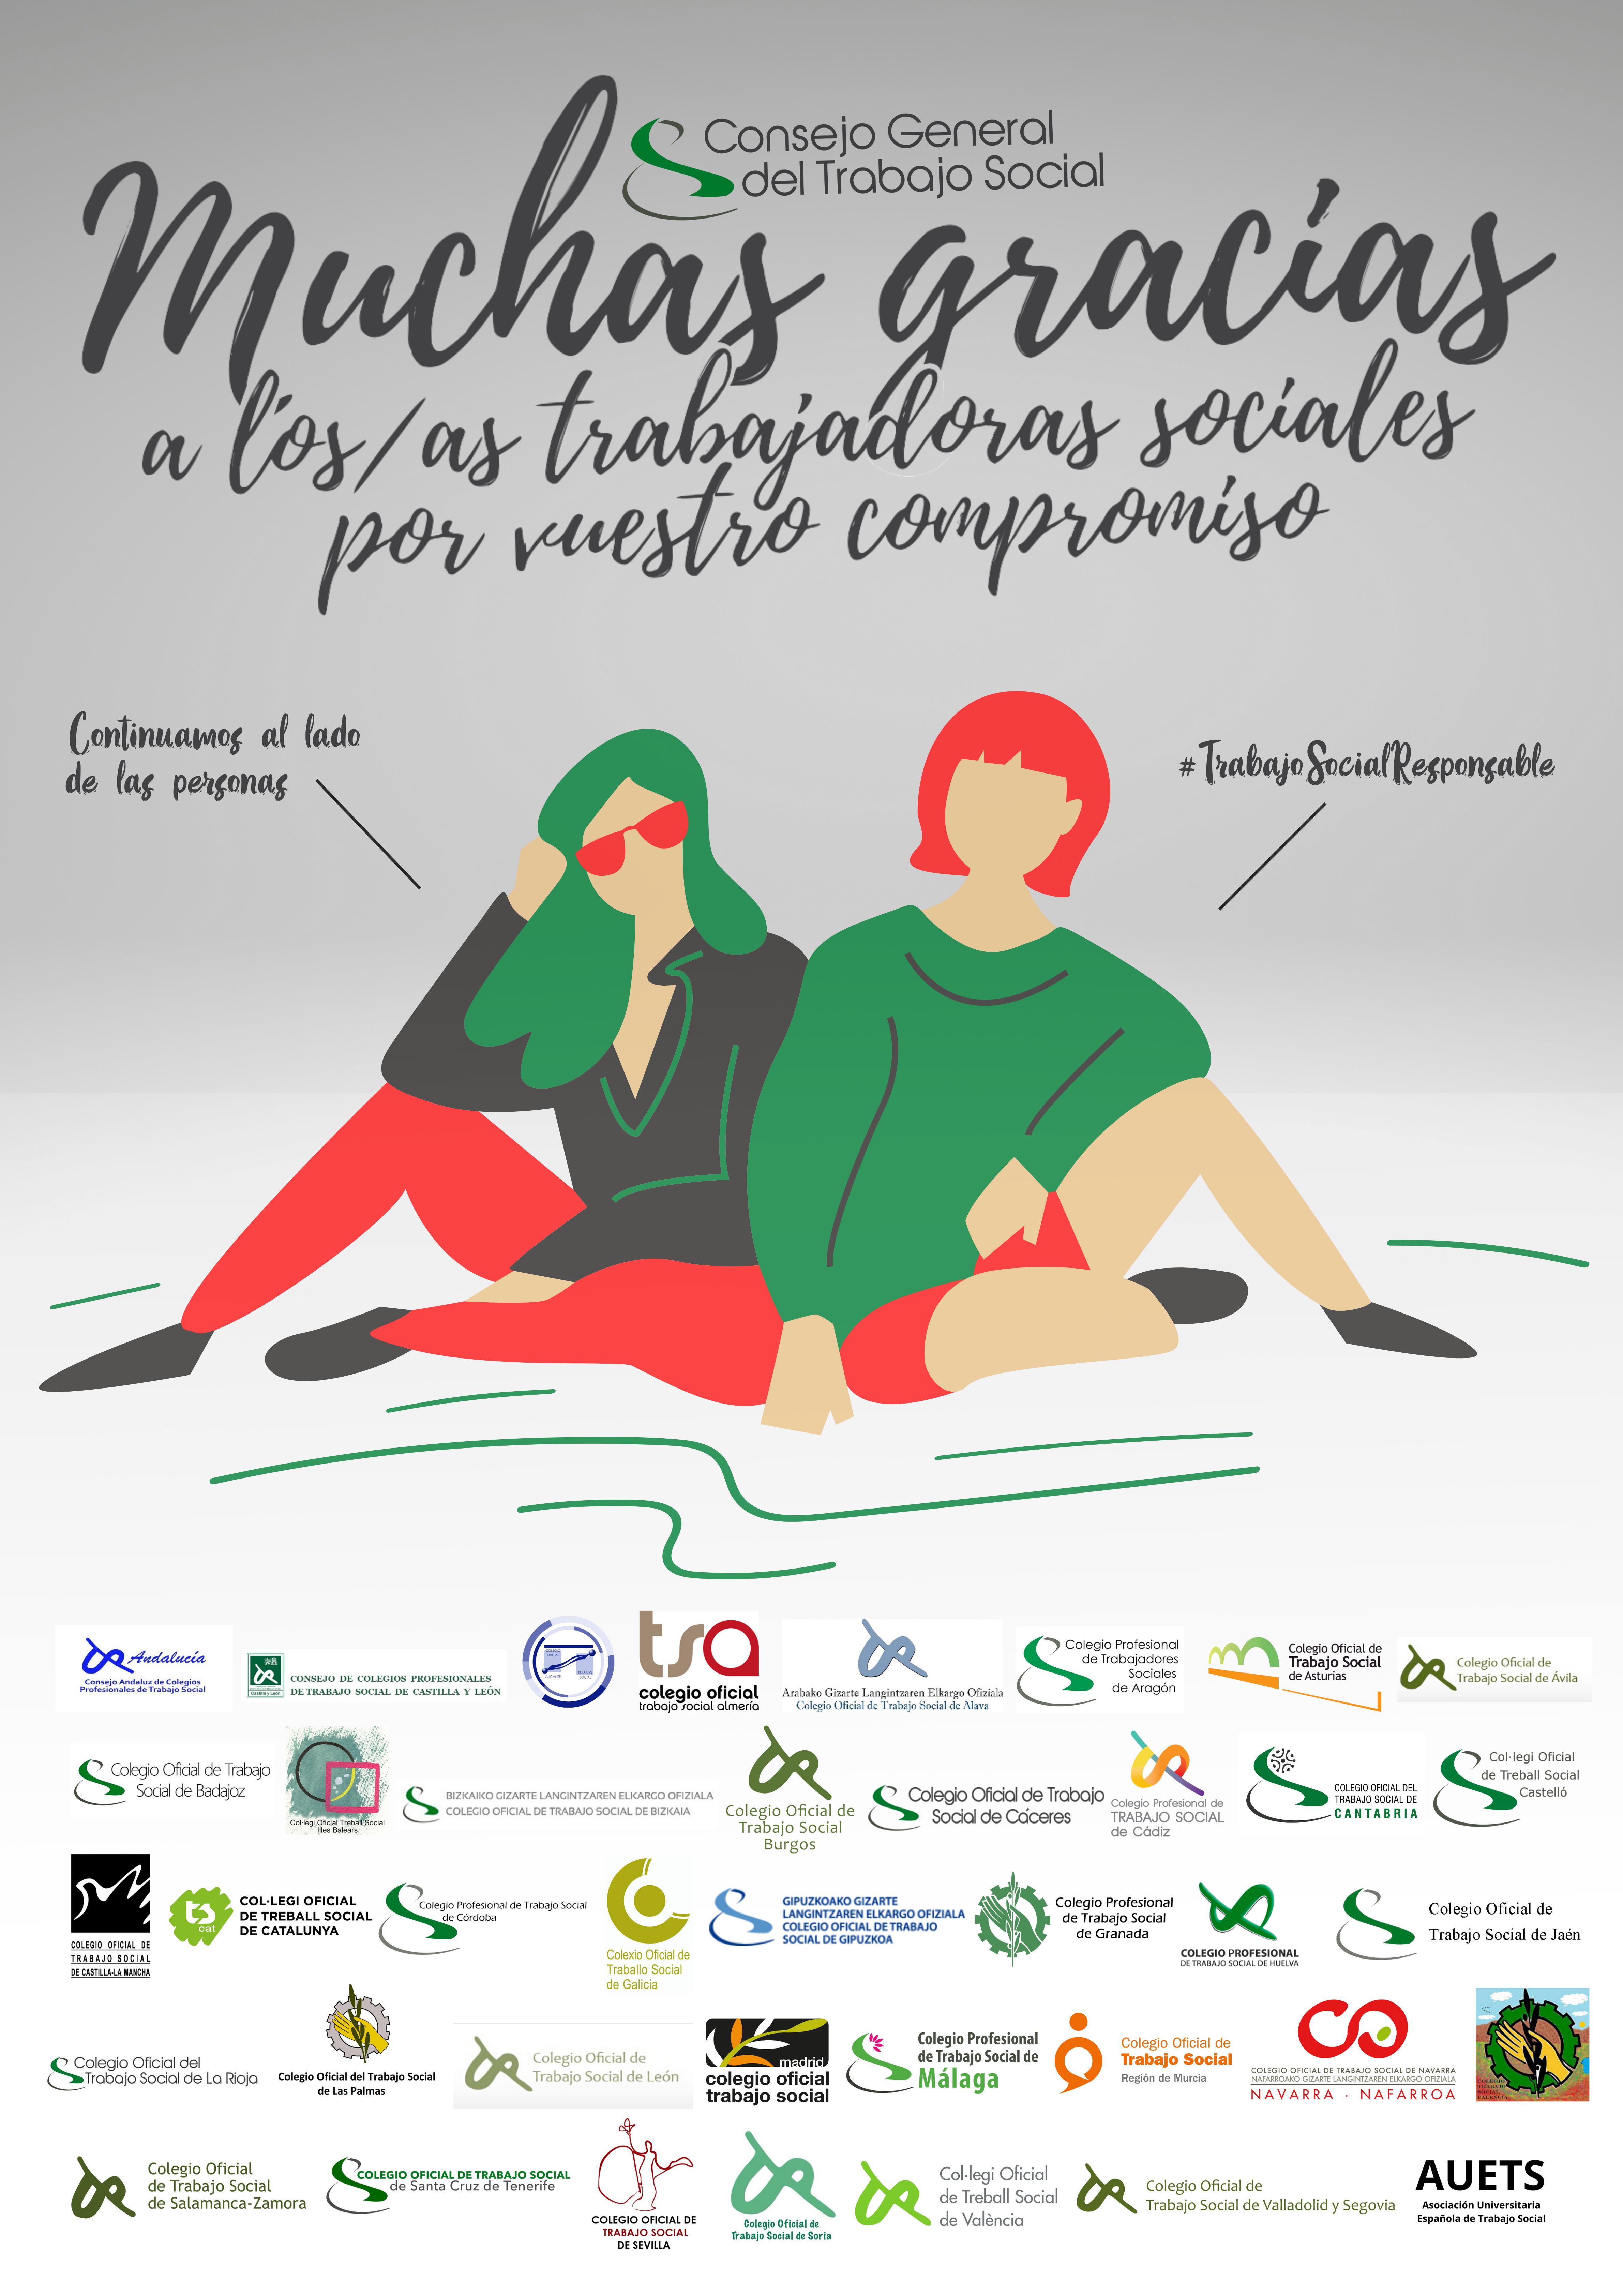 #TRABAJOSOCIALRESPONSABLE - RECONOCIMIENTO PÚBLICO A LAS TRABAJADORAS SOCIALES Y A LOS TRABAJADORES SOCIALES DESDE LA ESTRUCTURA COLEGIAL